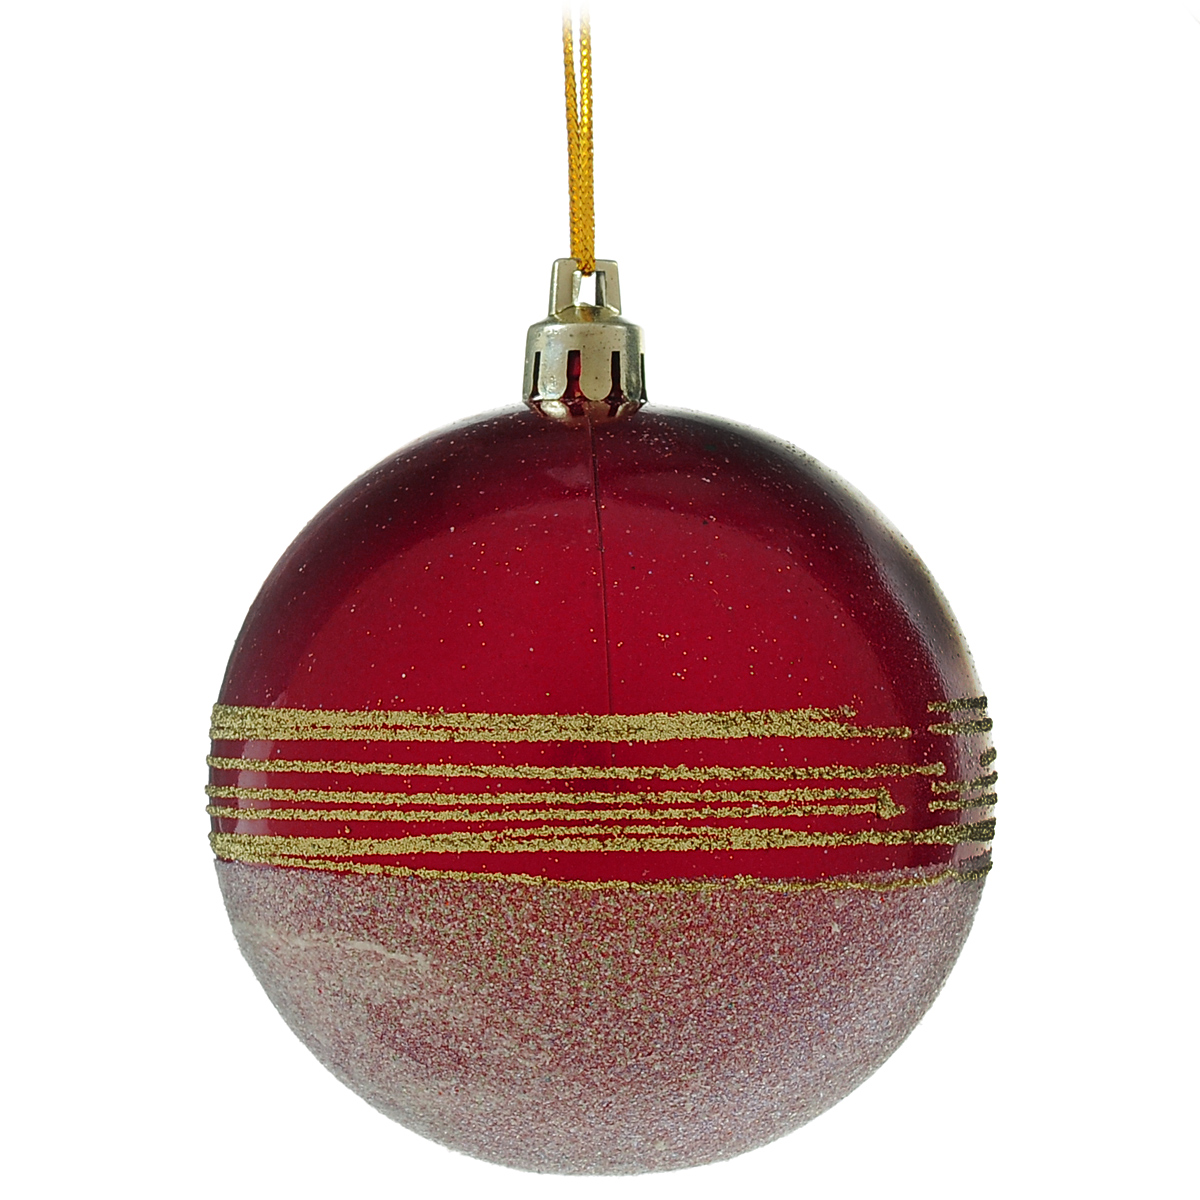 Новогоднее подвесное украшение Шар. DB1305609840-20.000.00Новогоднее подвесное украшение Шар выполнено из высококачественного пластика и декорировано блестками. С помощью специальной текстильной петельки украшение можно повесить в любом понравившемся вам месте. Но, конечно, удачнее всего такой шар будет смотреться на праздничной елке.Елочная игрушка - символ Нового года. Она несет в себе волшебство и красоту праздника. Создайте в своем доме атмосферу веселья и радости, украшая новогоднюю елку нарядными игрушками, которые будут из года в год накапливать теплоту воспоминаний.